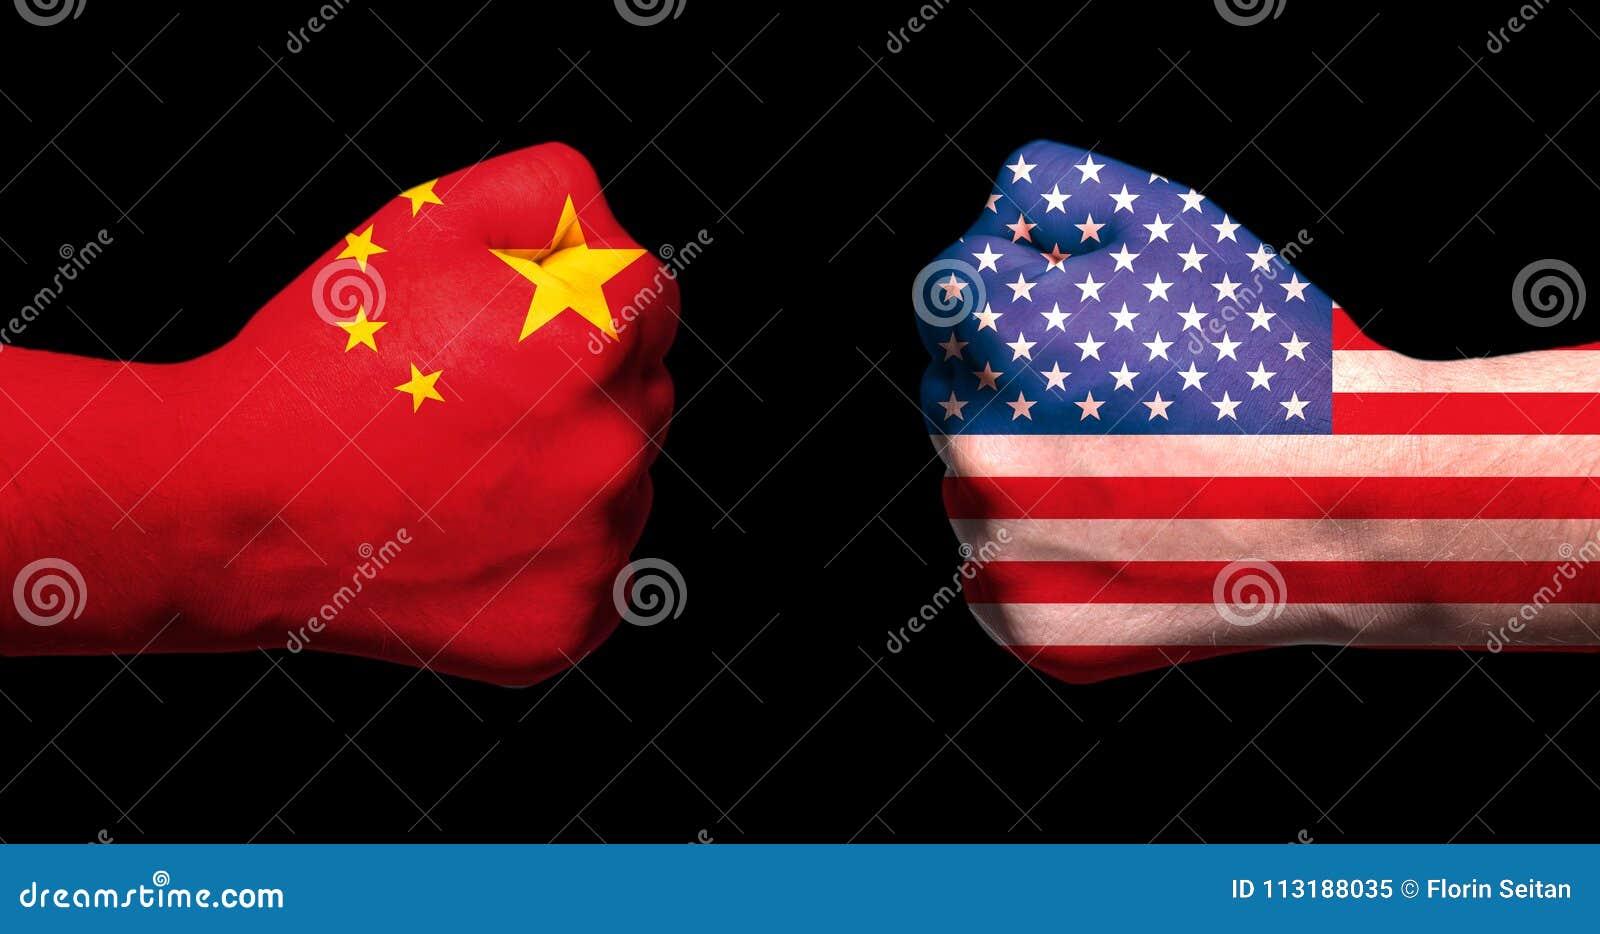 Flaga usa i Chiny na dwa zaciskali pięści stawia czoło each inny na czarnym tła/usa porcelanowym wojny handlowa pojęciu